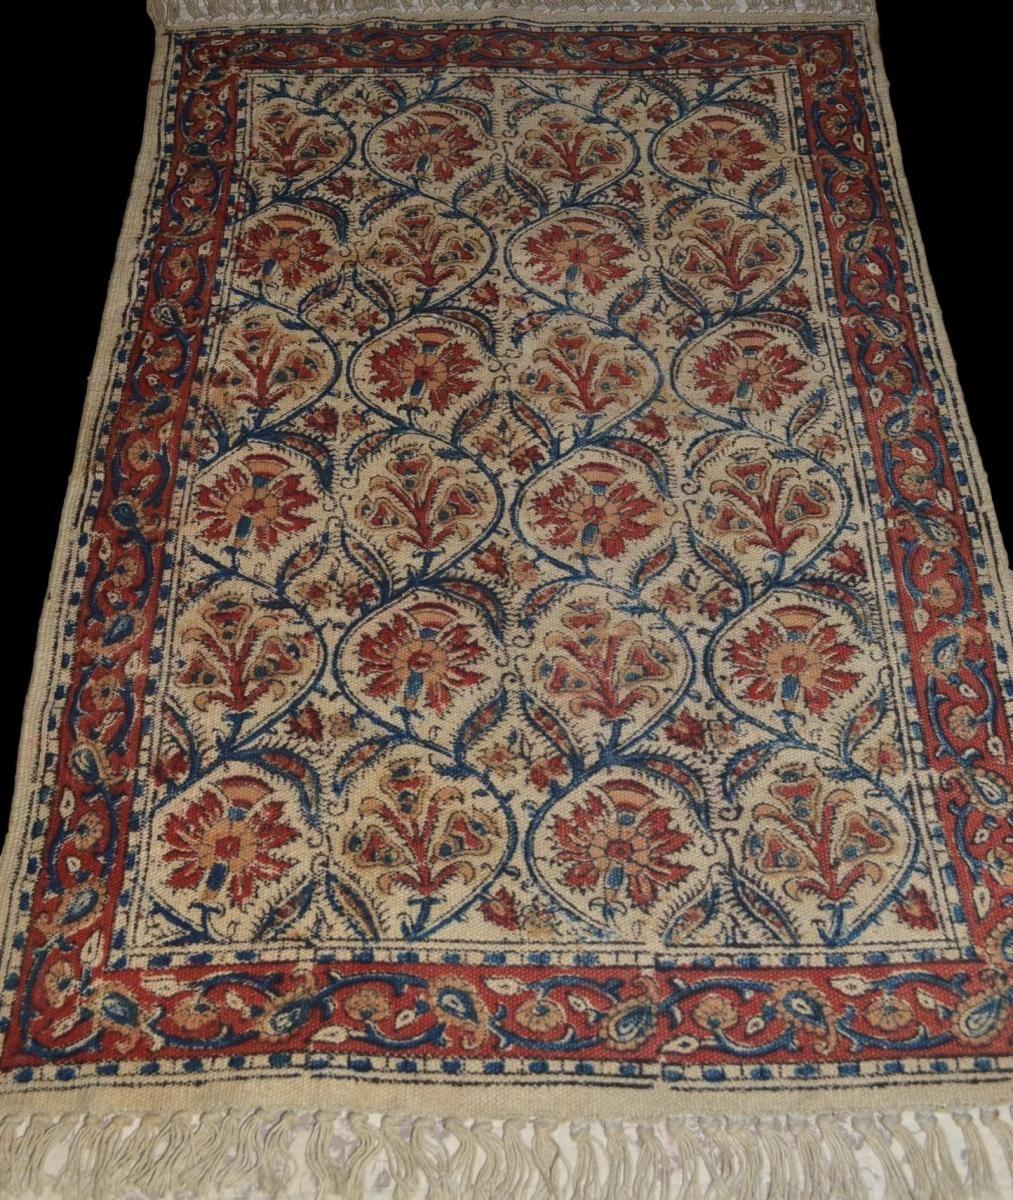 Tapis Noue Et Peint Main Decor Medieval France 62 Cm X 92 Cm Circa 1860 Winstein Proantic Decor Medievale Tapis Tapis Coton